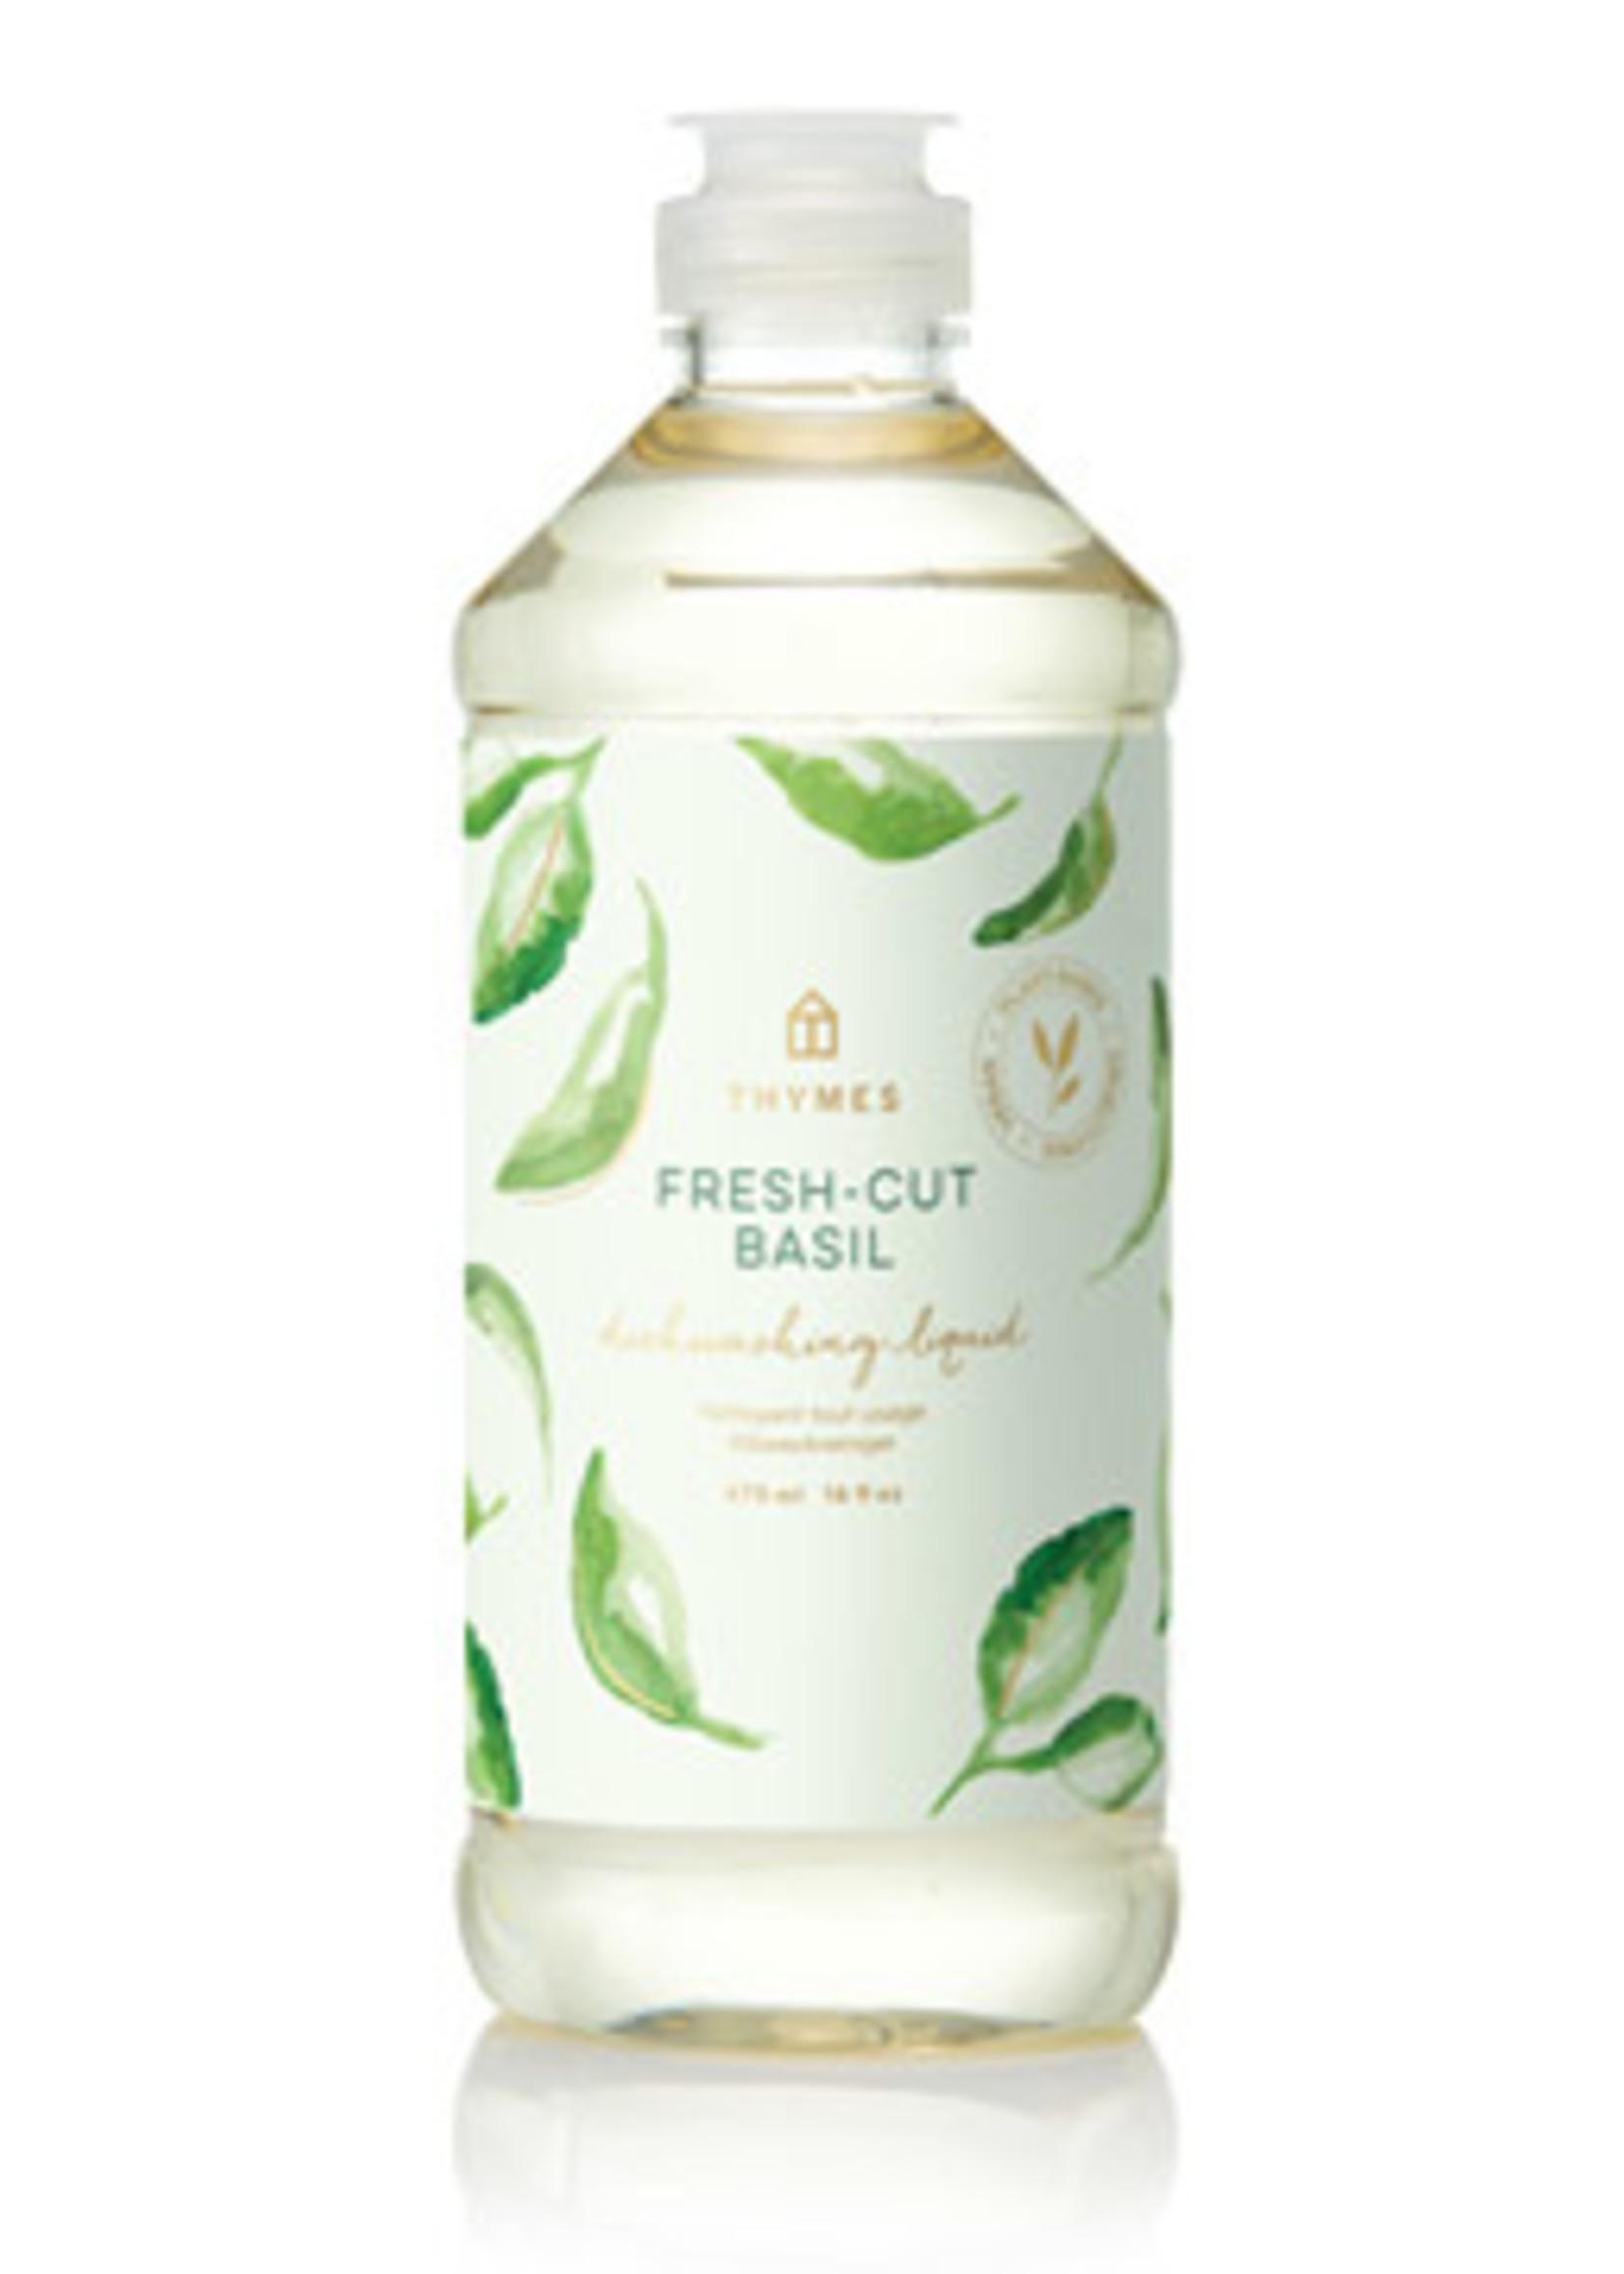 Thymes Fresh-Cut Basil Dishwashing Liquid